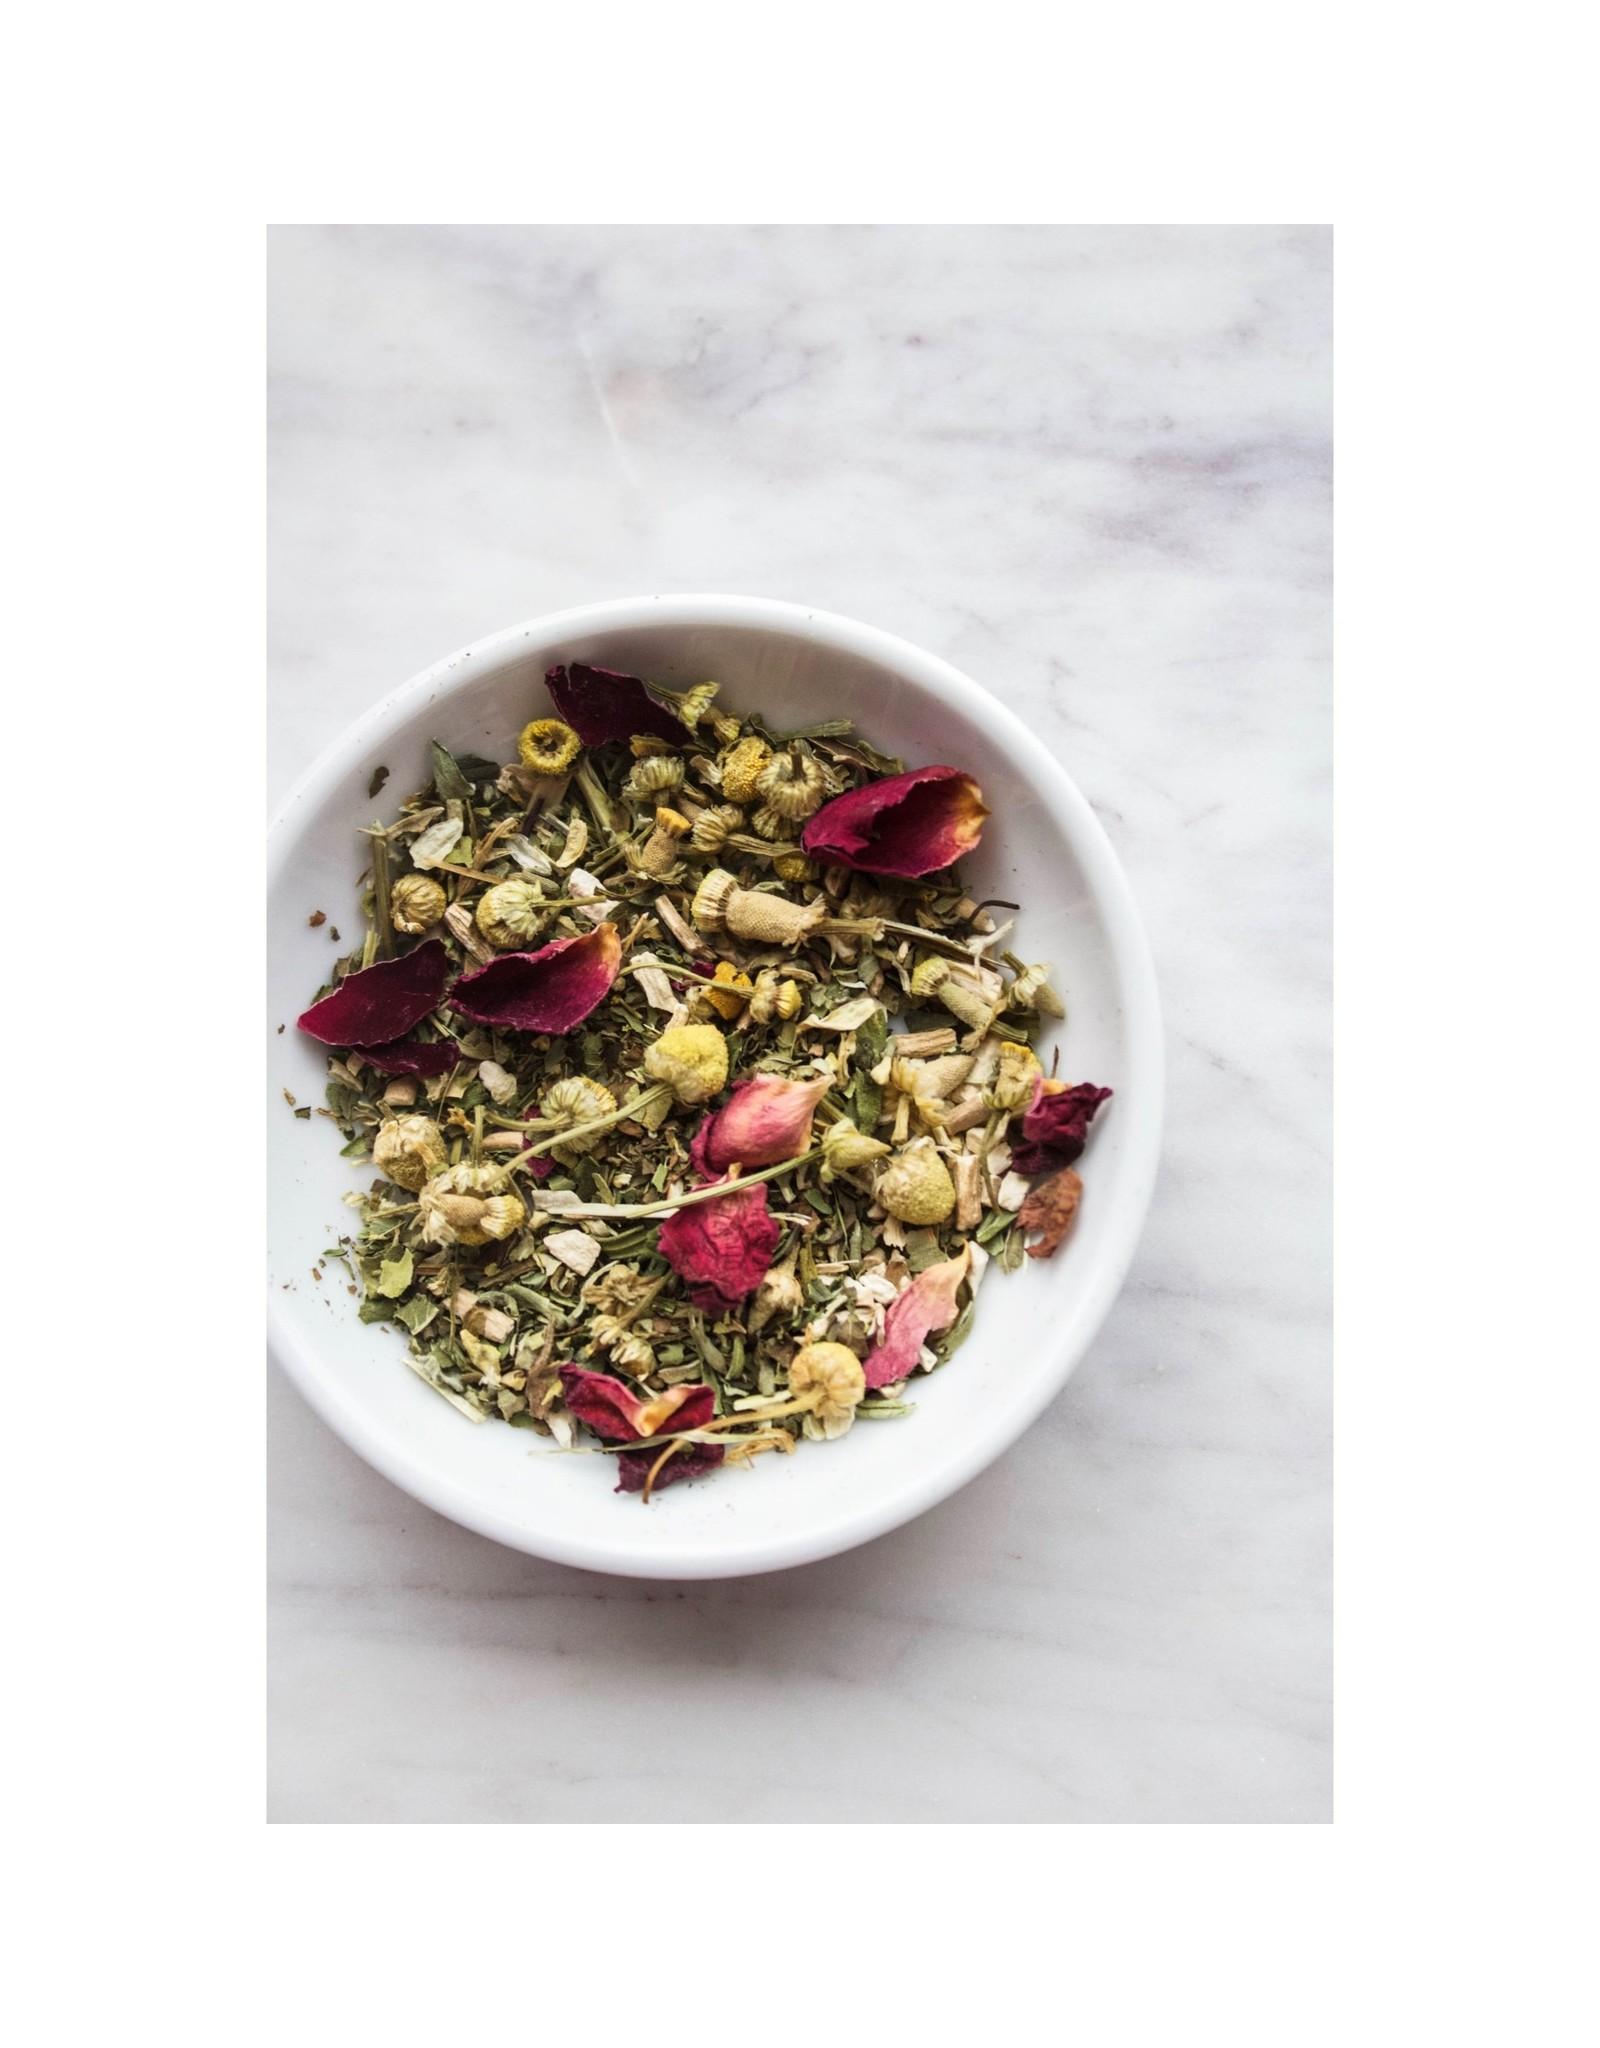 Lake & Oak Tea Co. Ashwagandha + Chill - Superfood Tea Blend